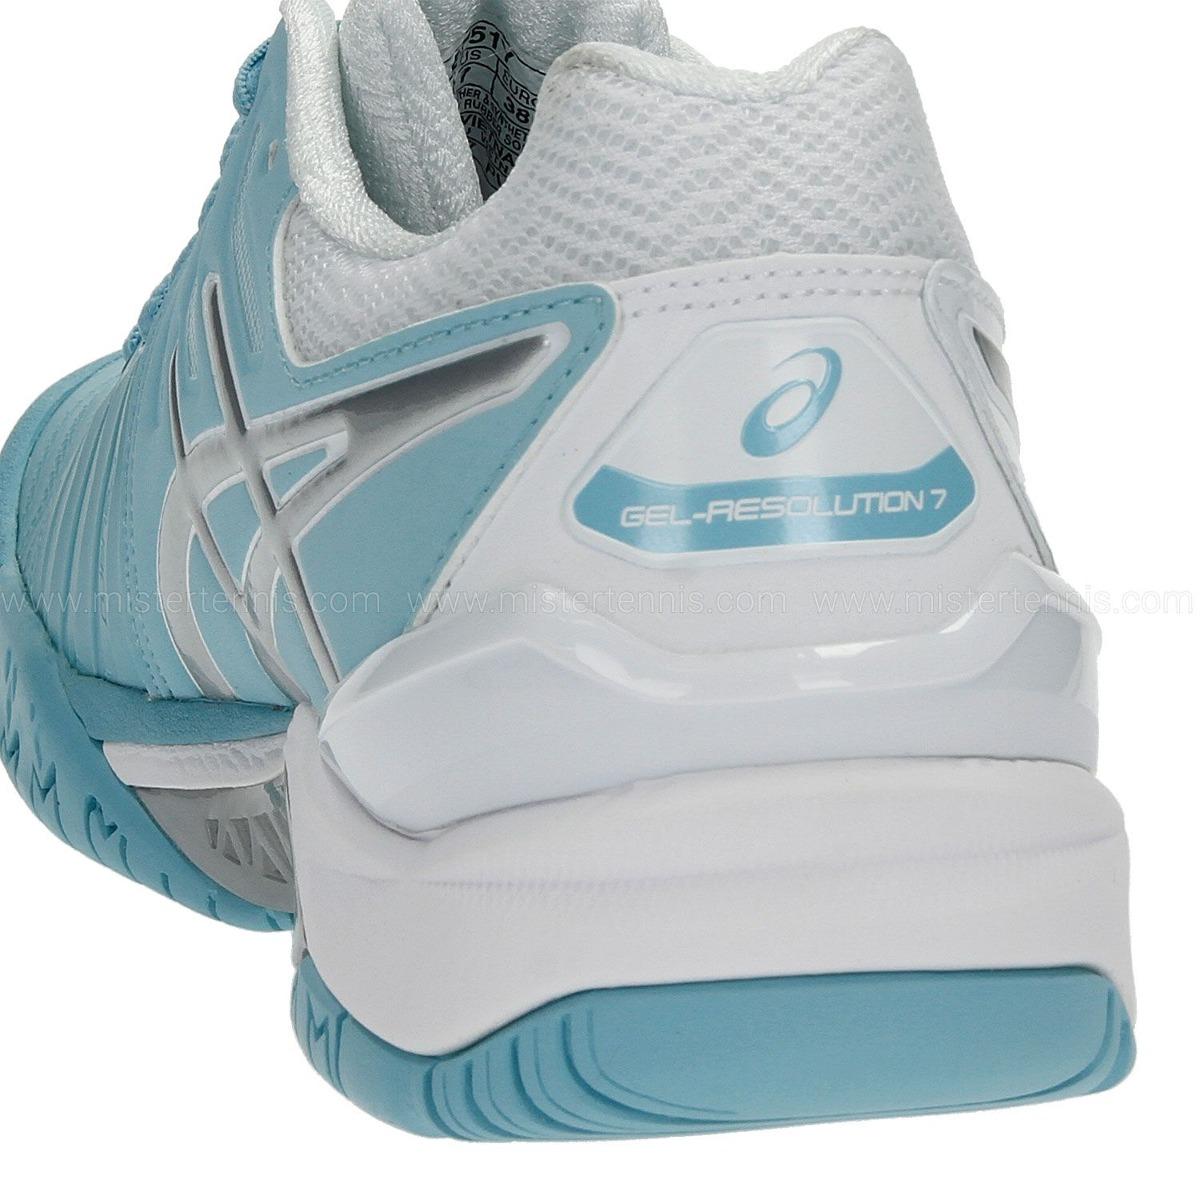 e58a6d19cb5a9 tênis asics gel resolution 7 azul claro prata e branco. Carregando zoom.